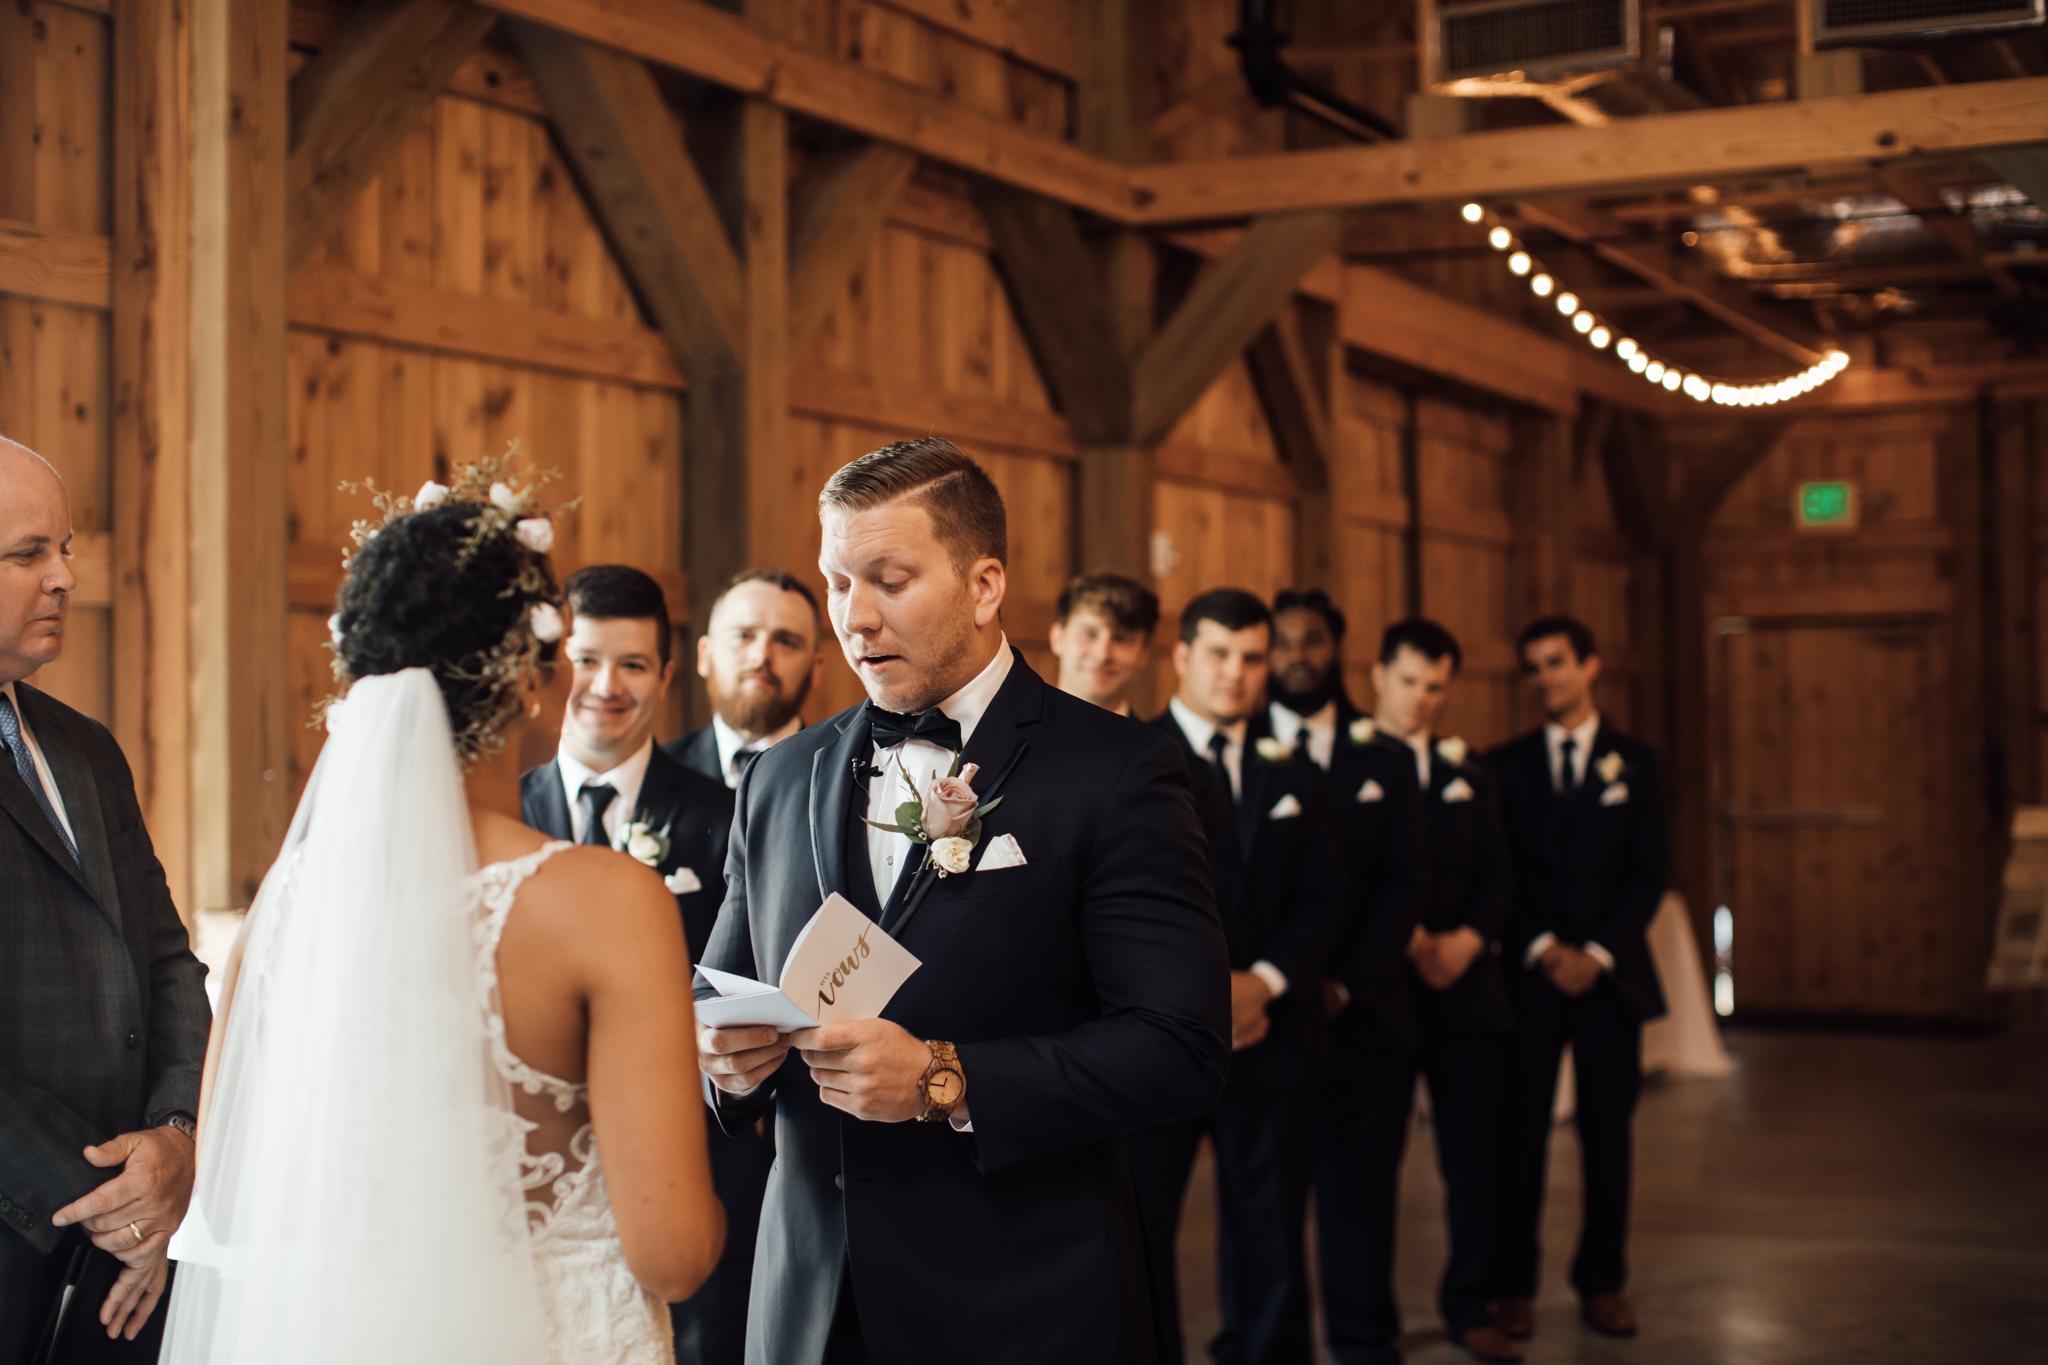 saddlewoodsfarms-nashville-wedding-photographer-thewarmtharoundyou-rustic-wedding (25 of 251).jpg